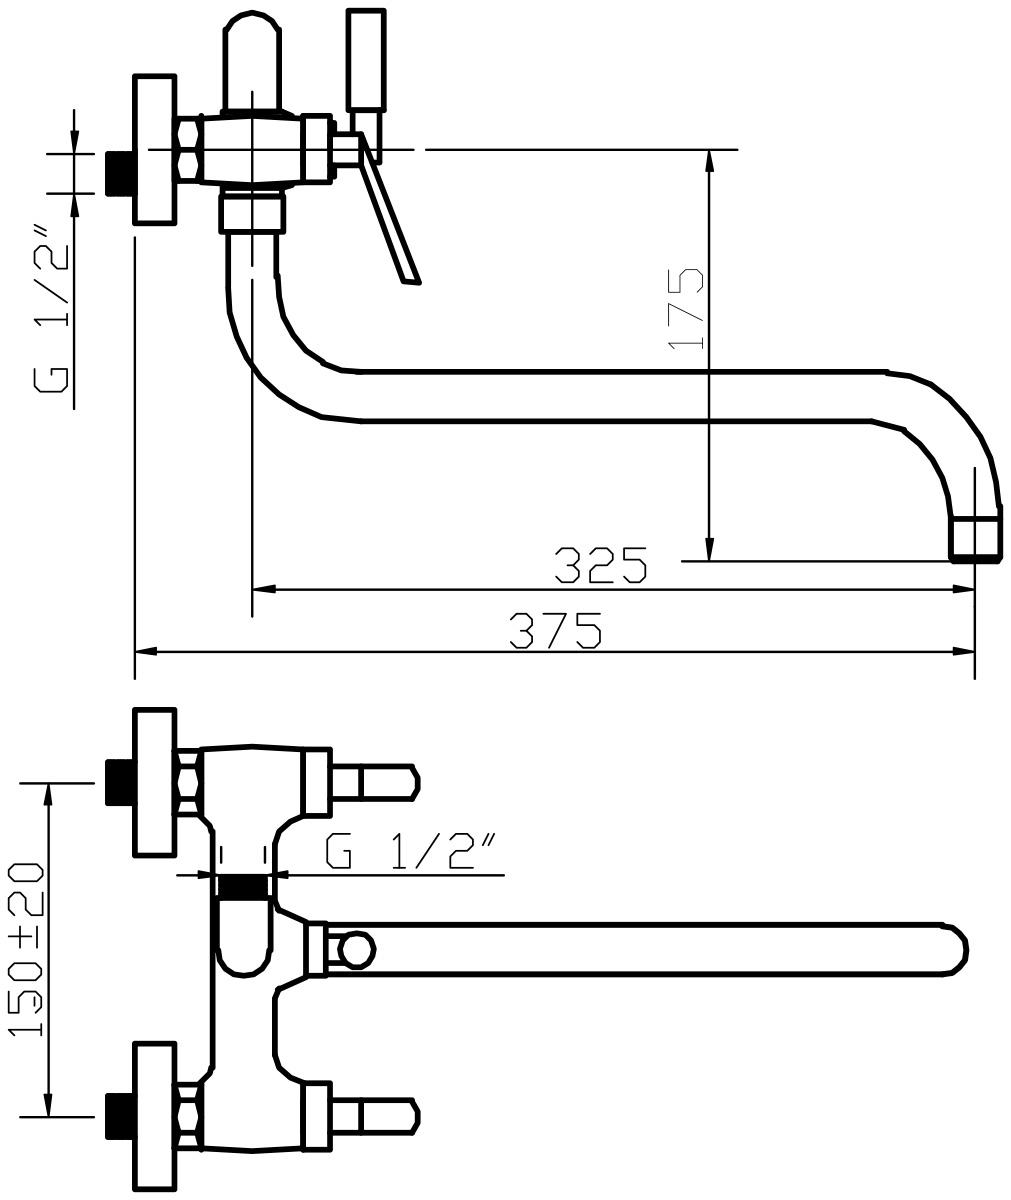 """Смеситель для ванны и умывальника Argo """"Montana"""" предназначен для смешивания холодной и горячей воды, устанавливается на стену. Выполнен из высококачественной латуни с покрытием из хрома. Запорный механизм: кран букса 1/2"""" 90° """"Керамика"""" 7,7 х 20 правостороннее/левостороннее закрытие. Тип дайвотера: картриджный. Аэратор: ячейковый М22х1 """"Only-Plast"""" d-26 мм, 10-13 л/мин при 0,3 МПа. Крепеж: эксцентрик усиленный 3/4"""" х 1/2"""" + прокладка-фильтр. Длина излива: 32,5 см."""